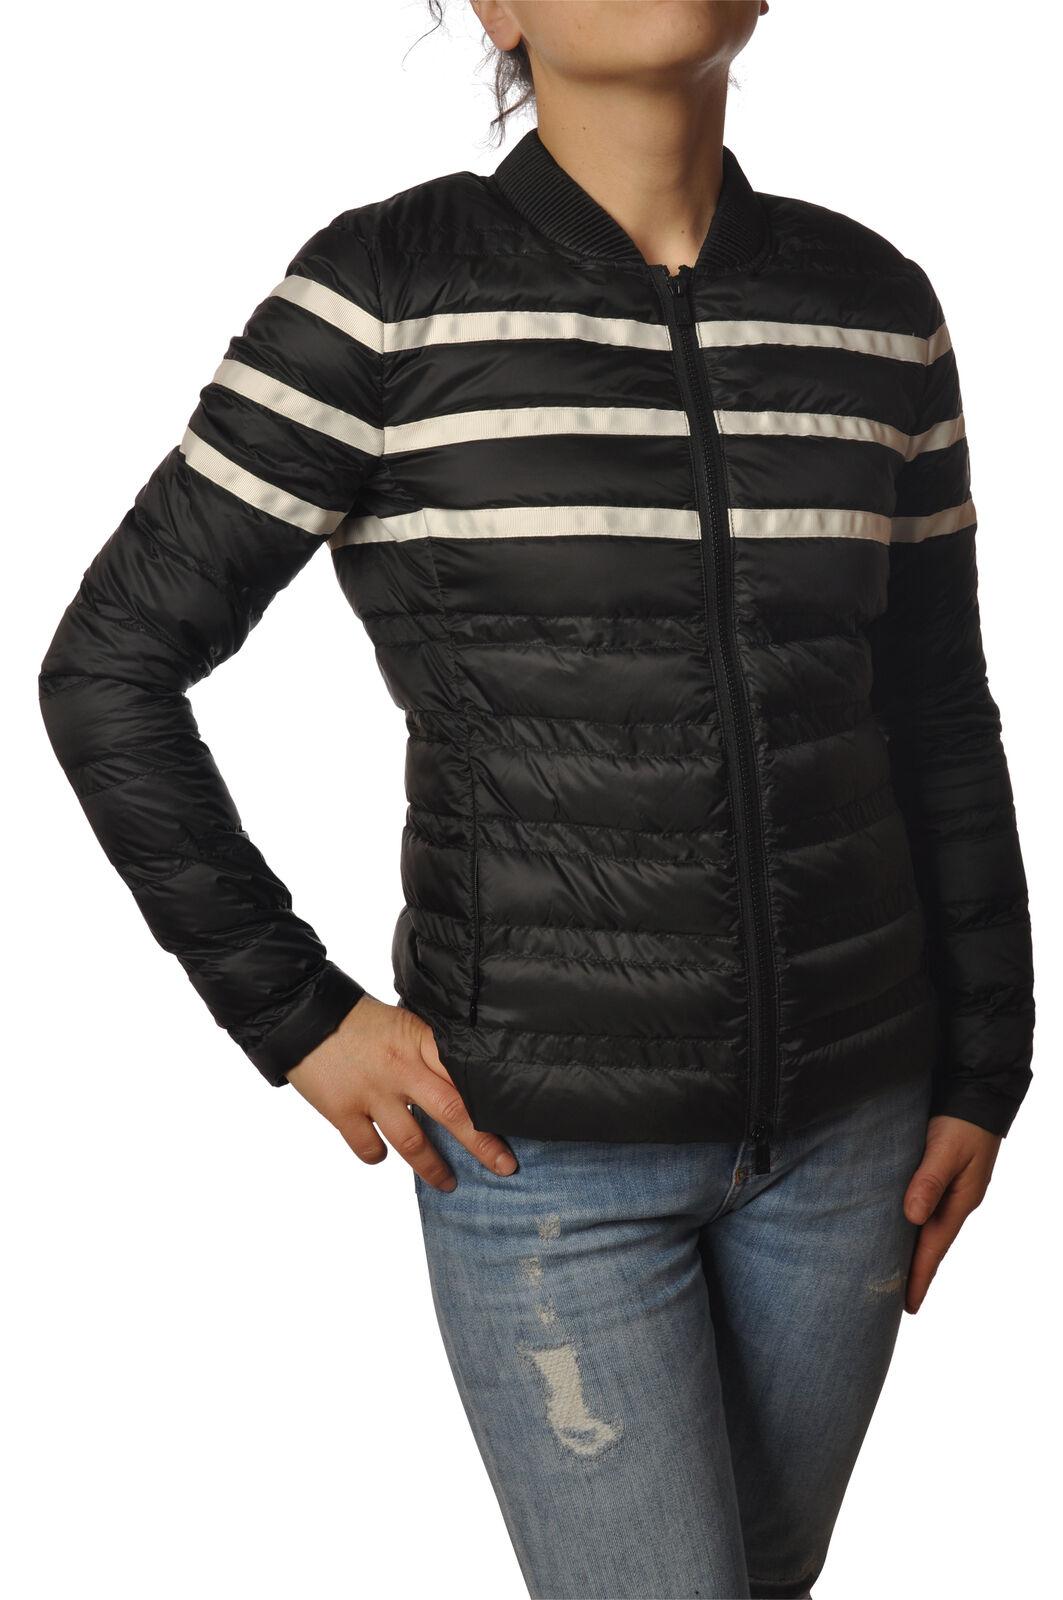 Ciesse-Prendas  de abrigo-chaquetas-Mujer-Negro - 6143830E191305  cómodo